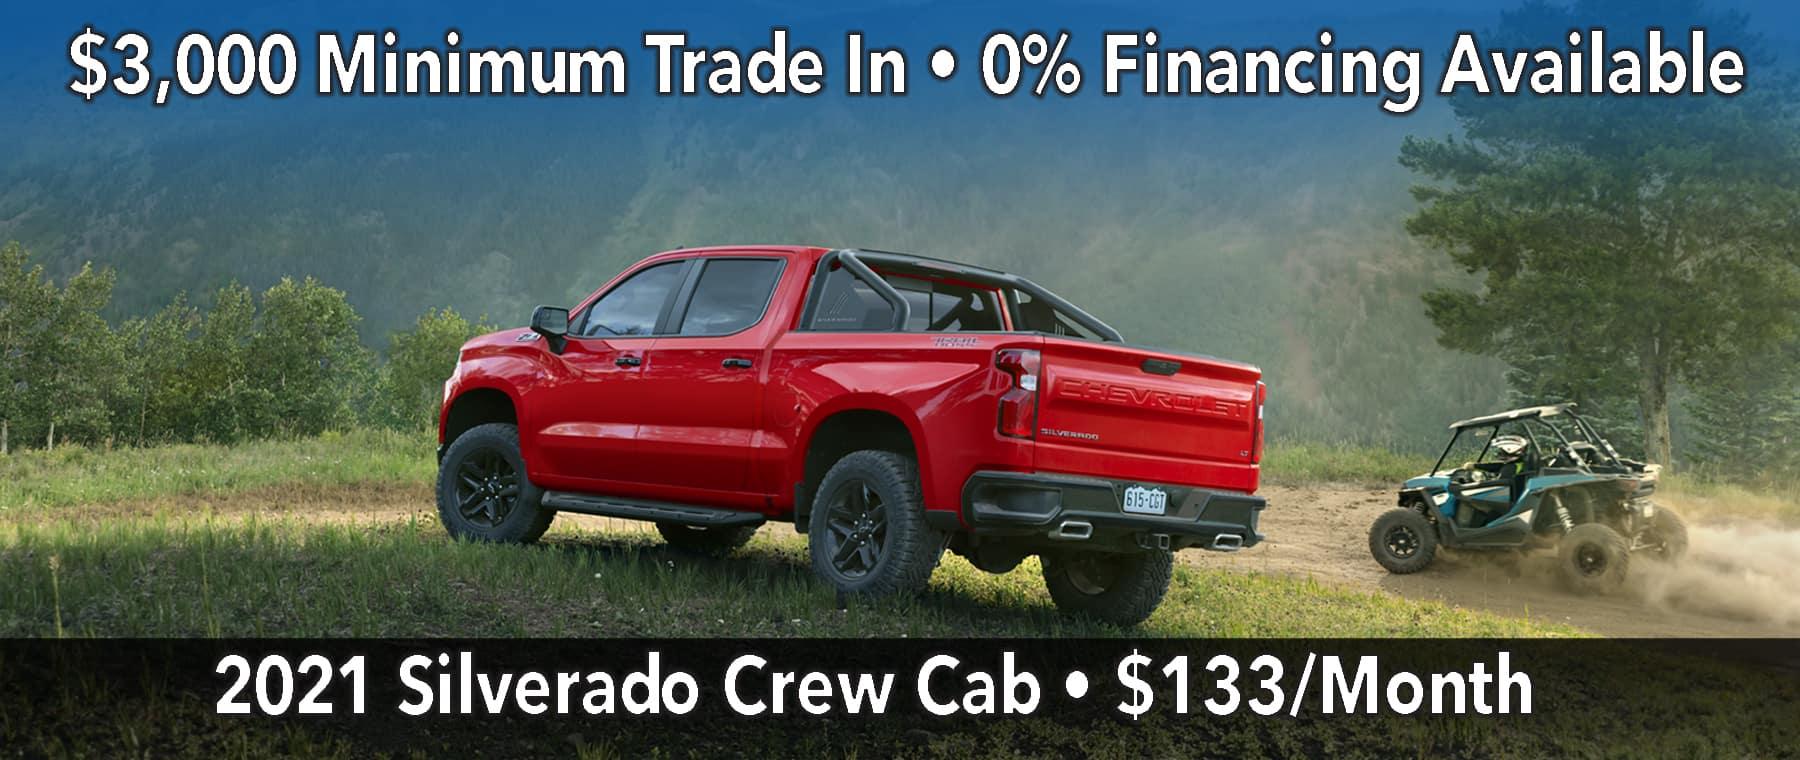 January Silverado Lease Offer $133/mo*